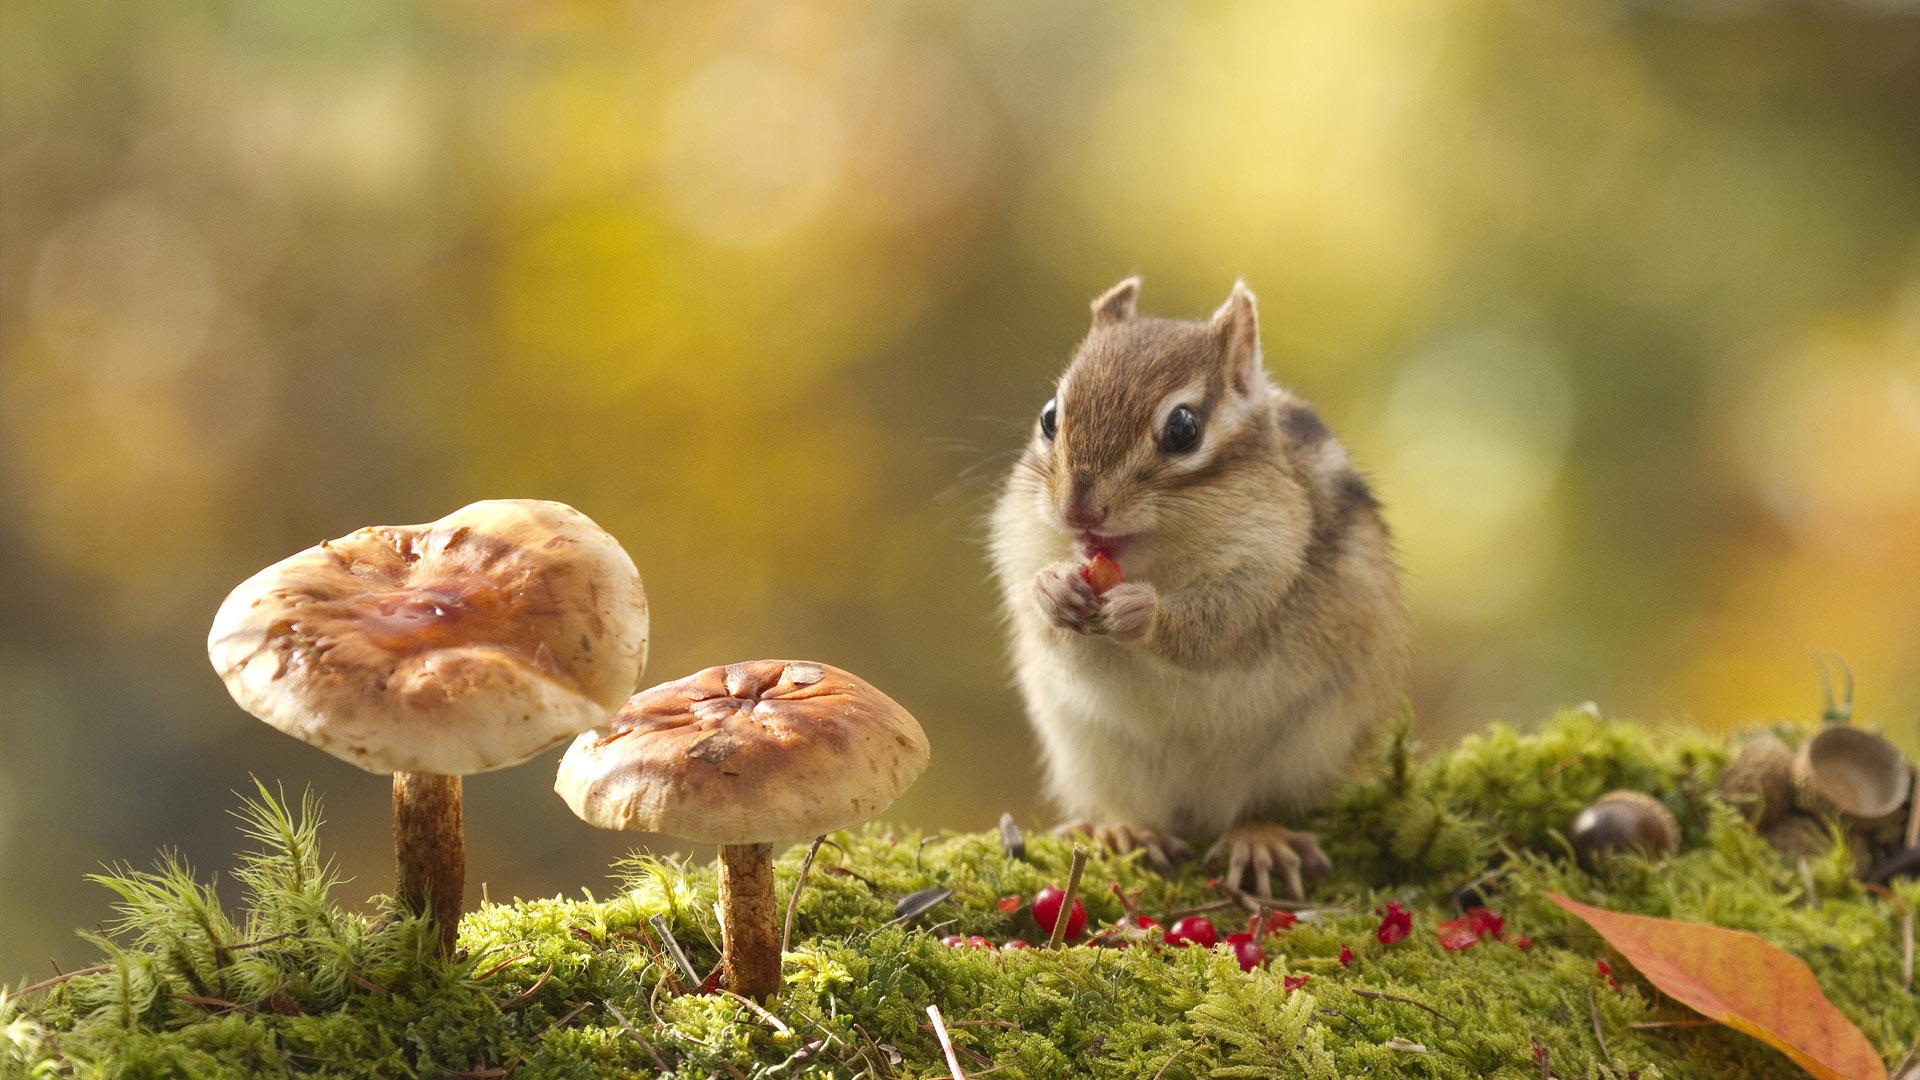 蘑菇旁的花栗鼠图片素材